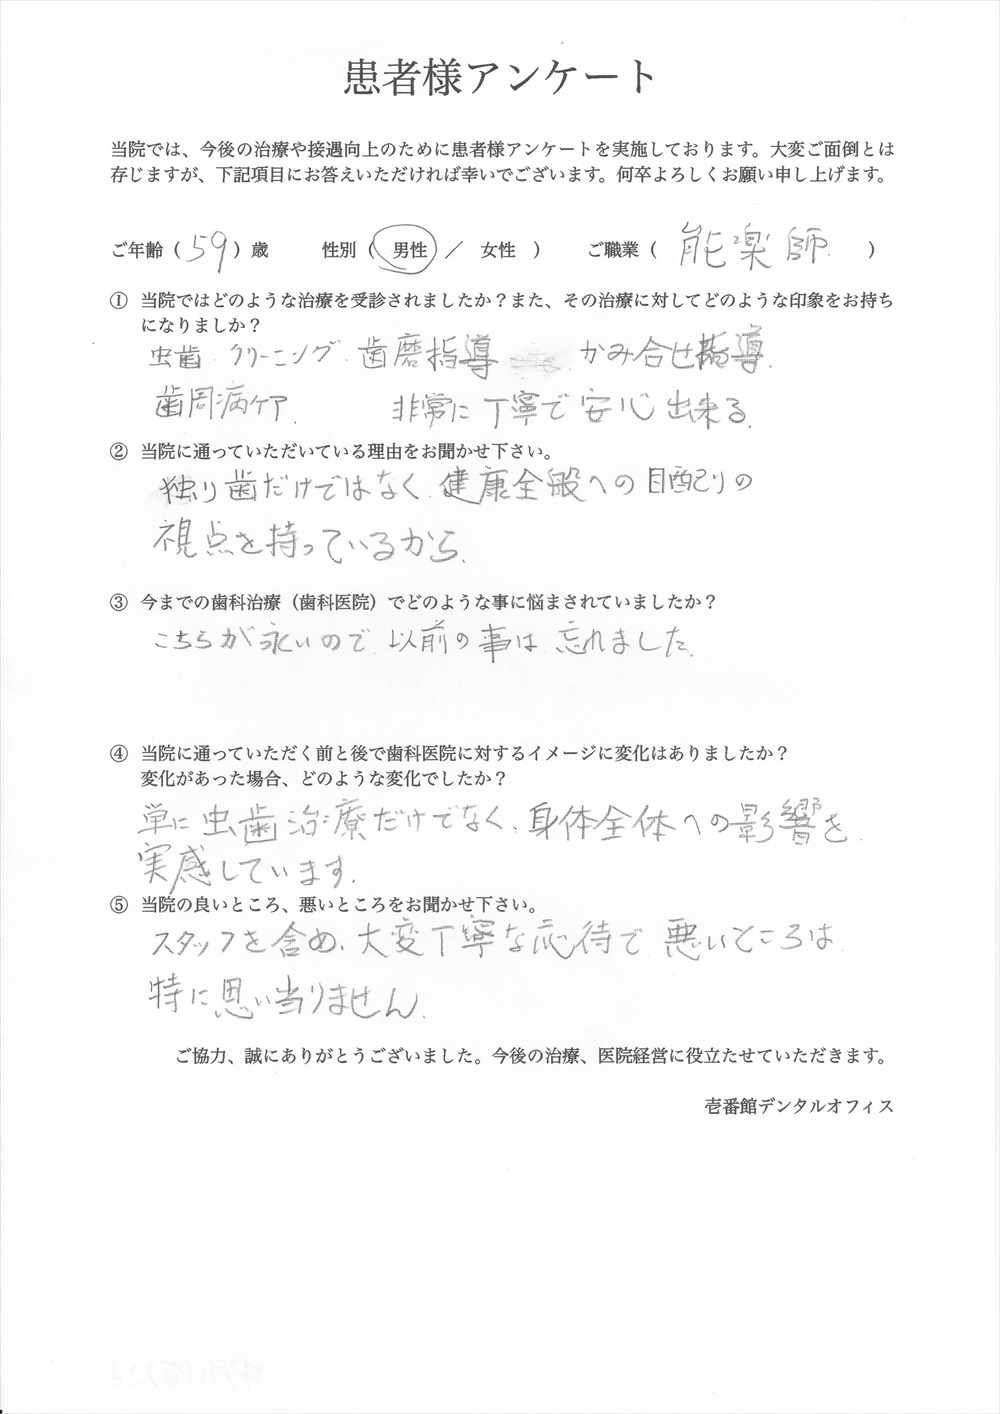 壱番館デンタルオフィス口コミ評判アンケート6